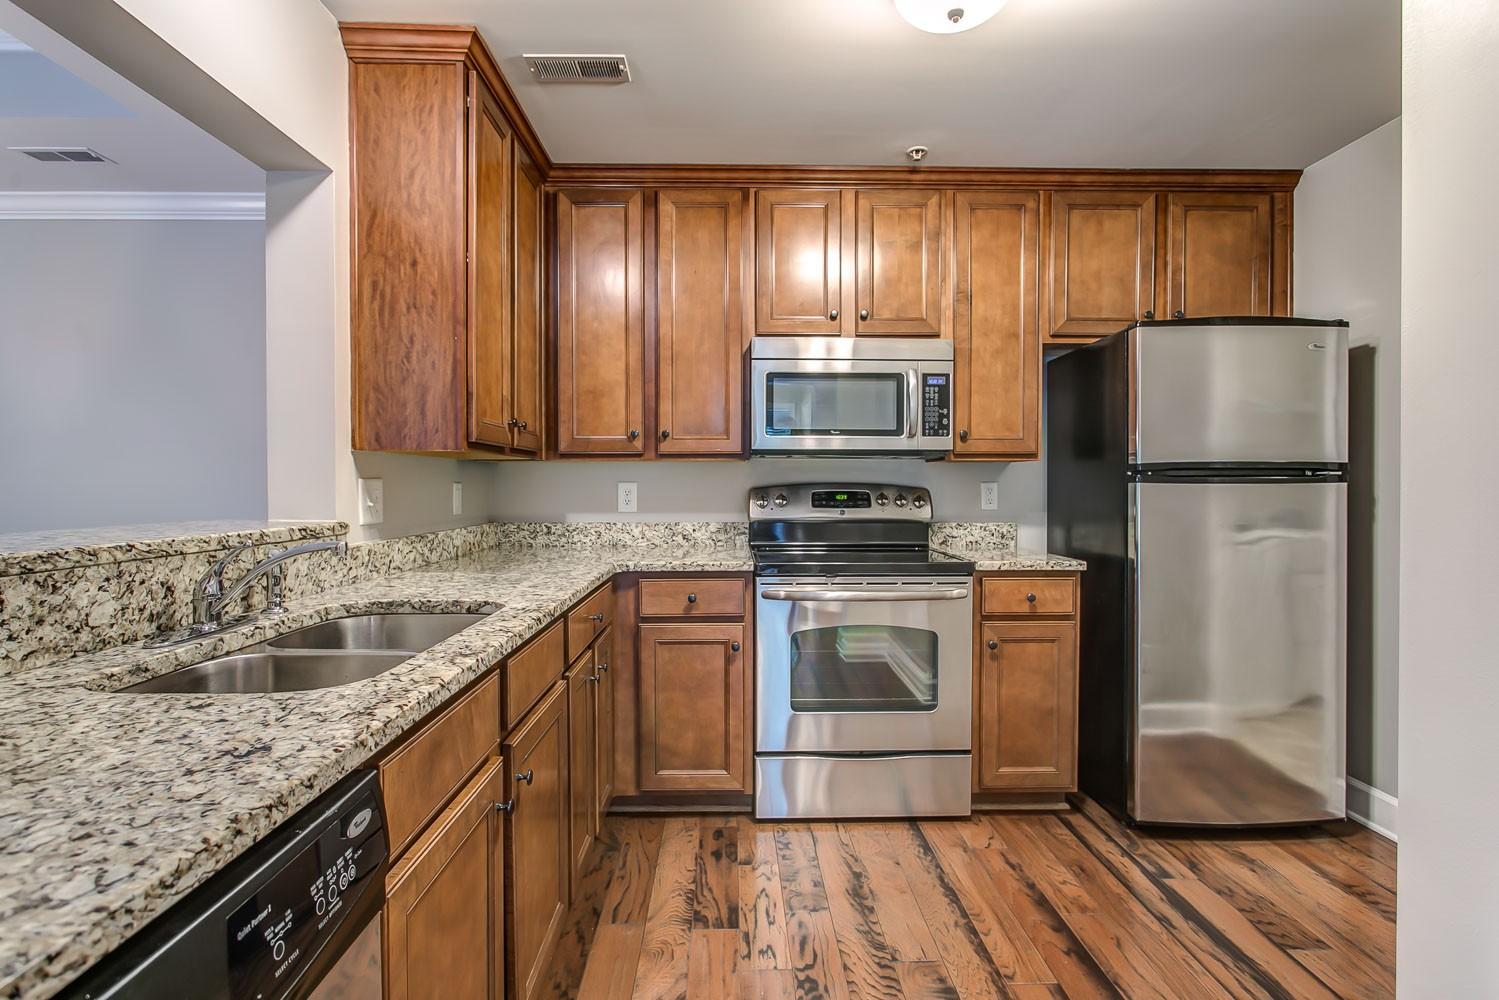 4847 Bevendean Dr Property Photo - Nashville, TN real estate listing